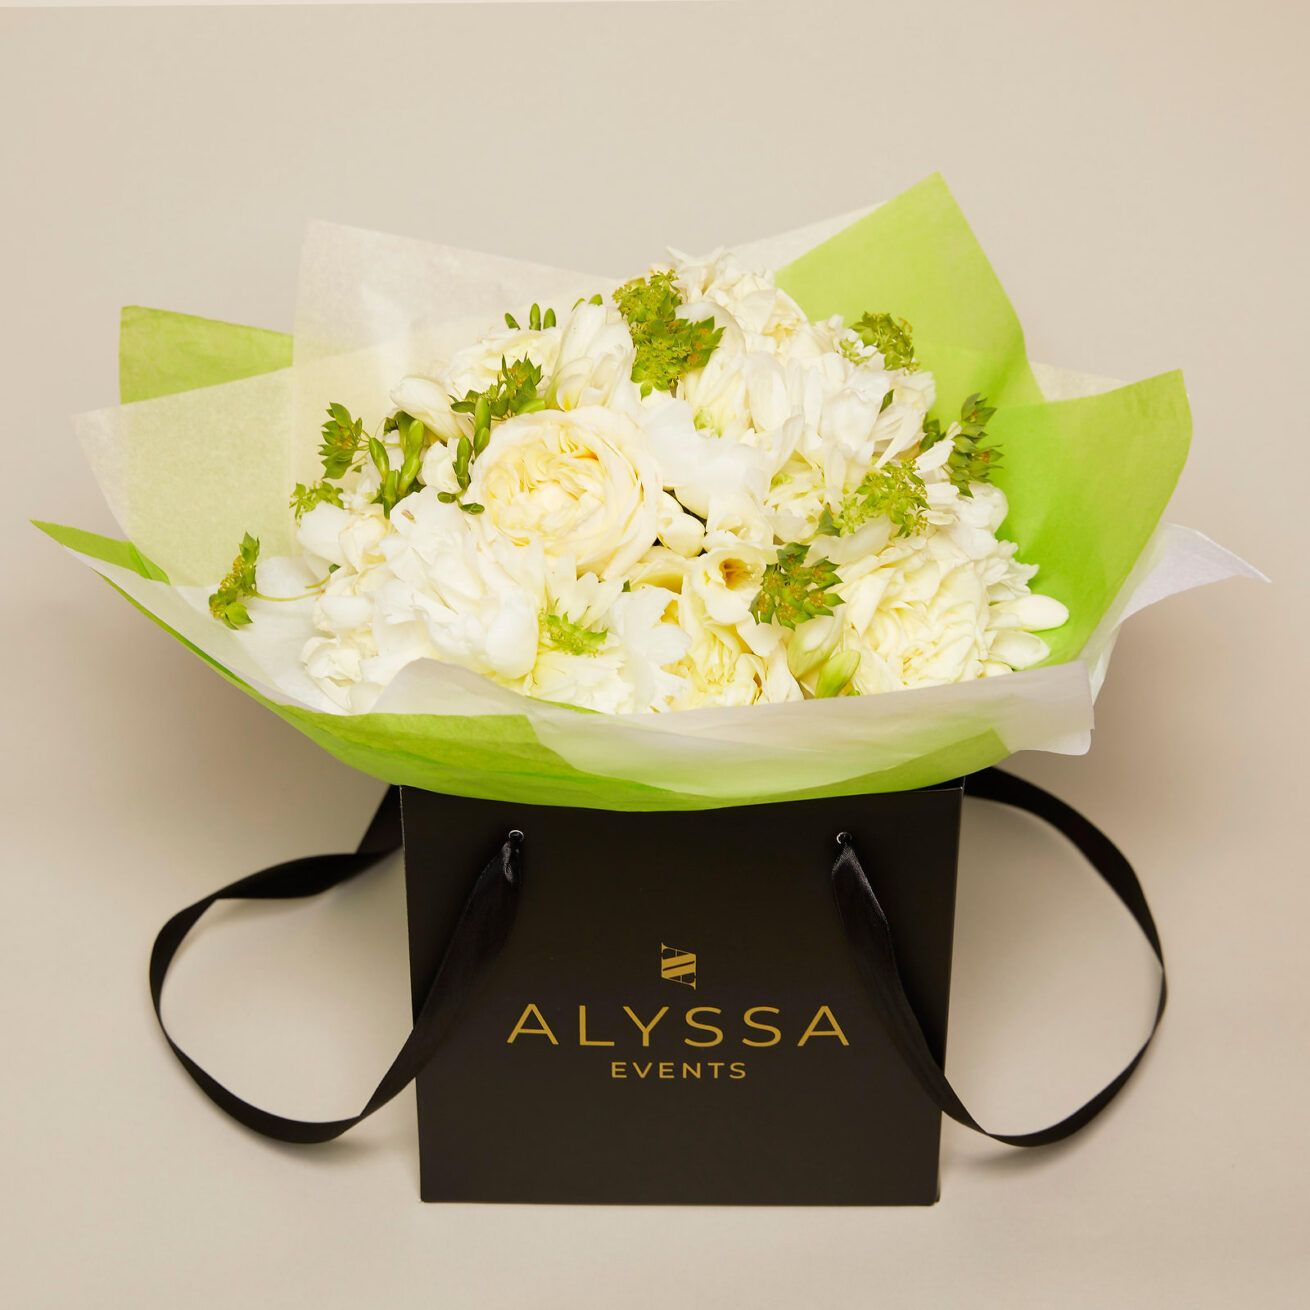 Fotografie de produs în studio cutie flori Alyssa Events-Dan Malureanu-01